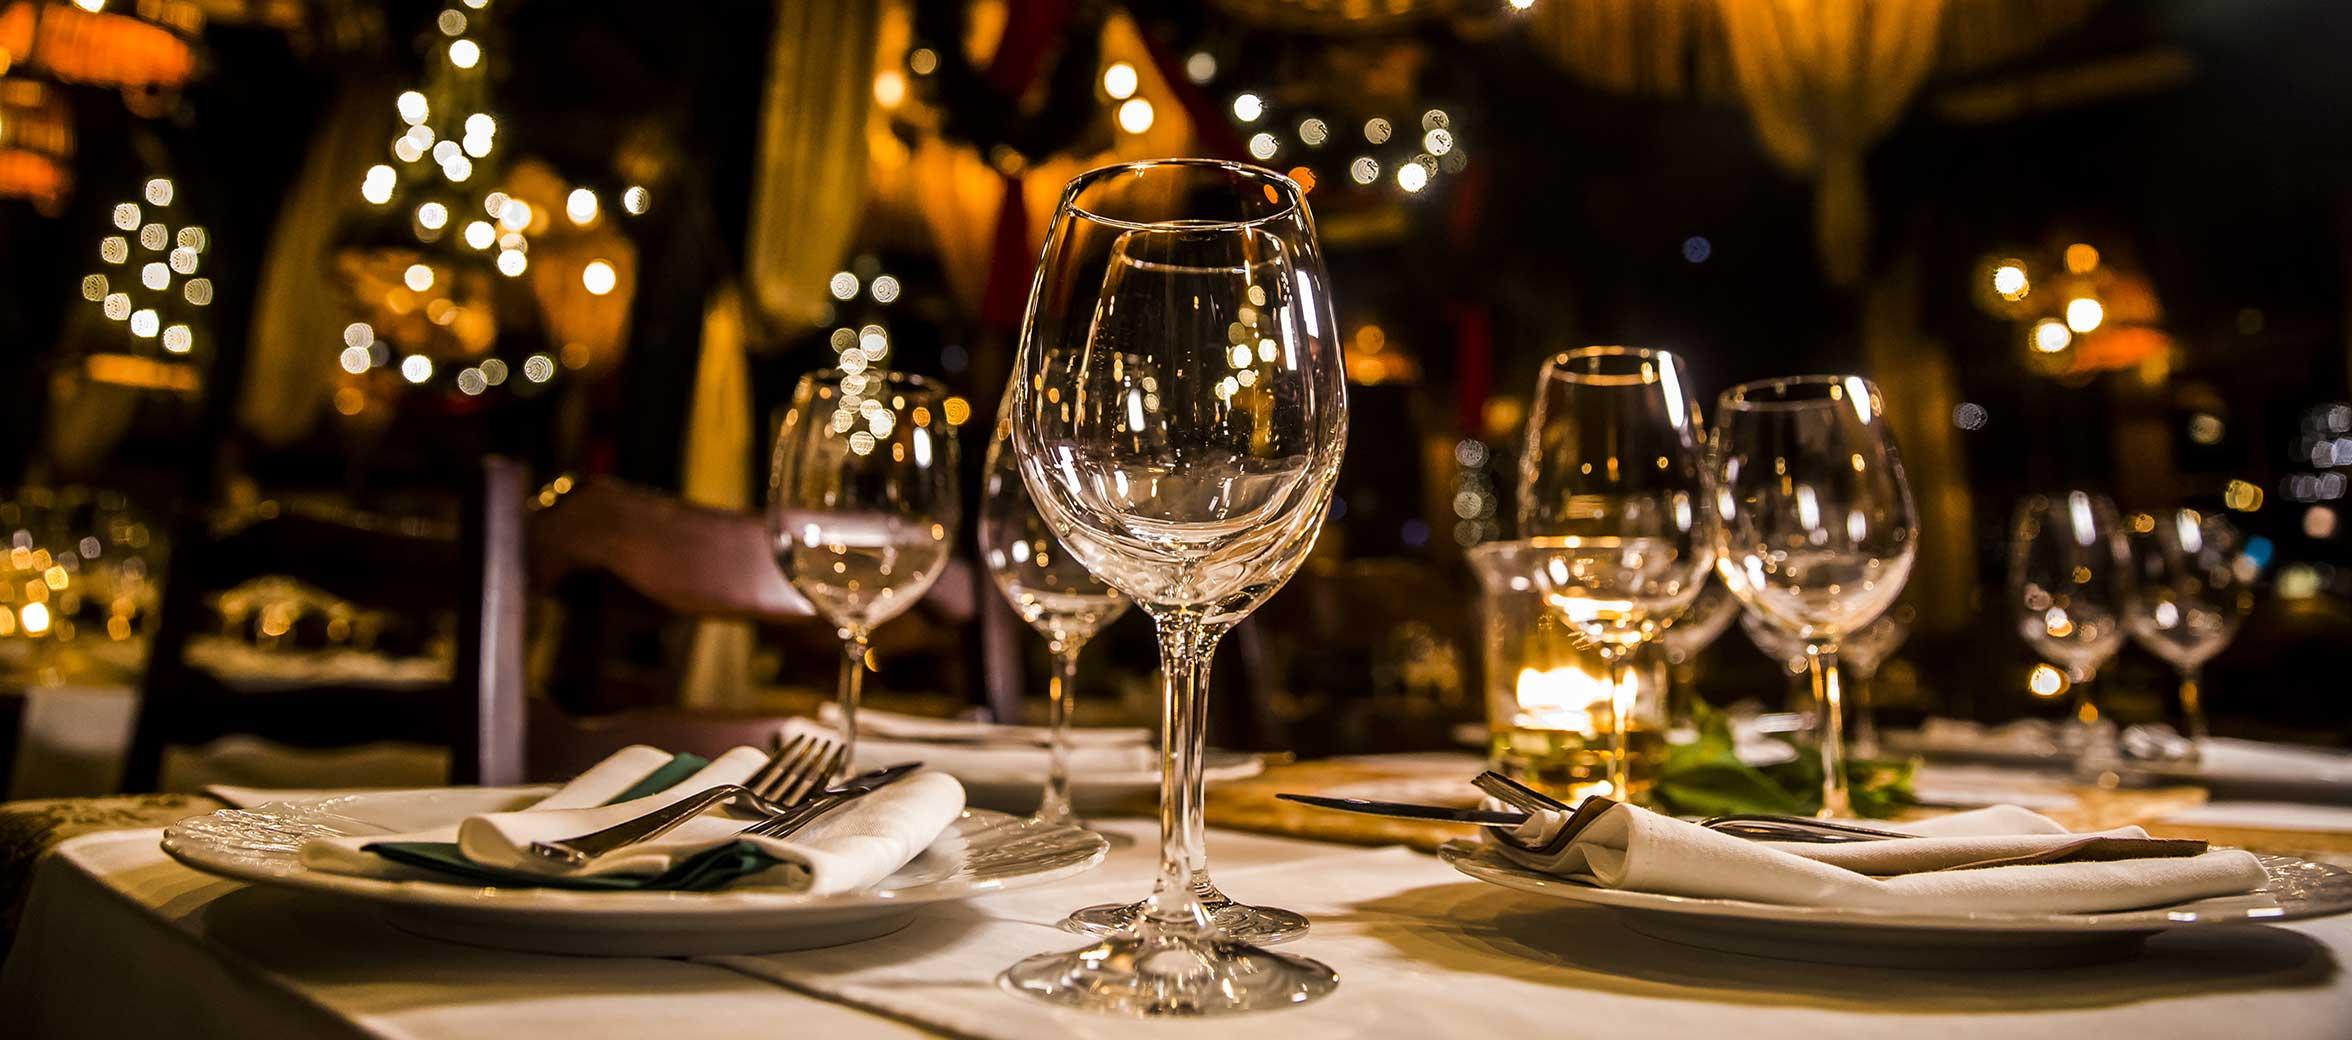 Restaurant glasses (image)